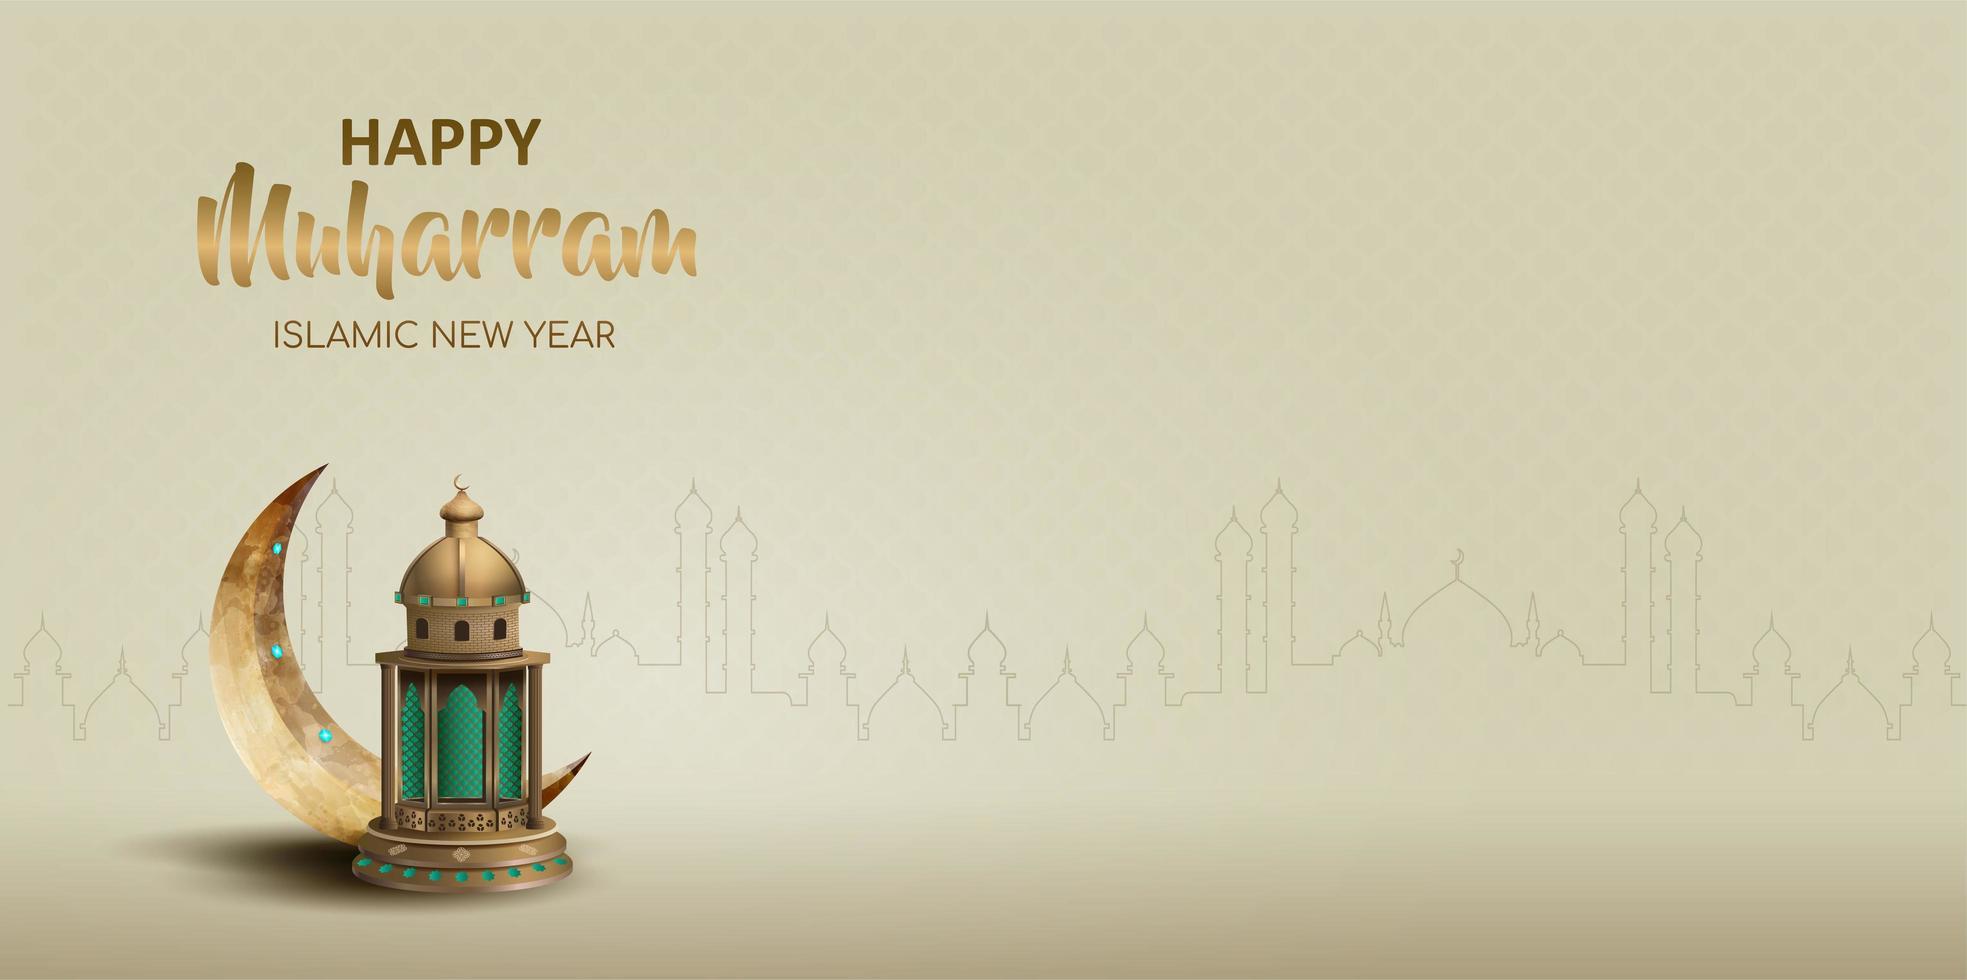 conception de carte joyeux nouvel an islamique muharram vecteur